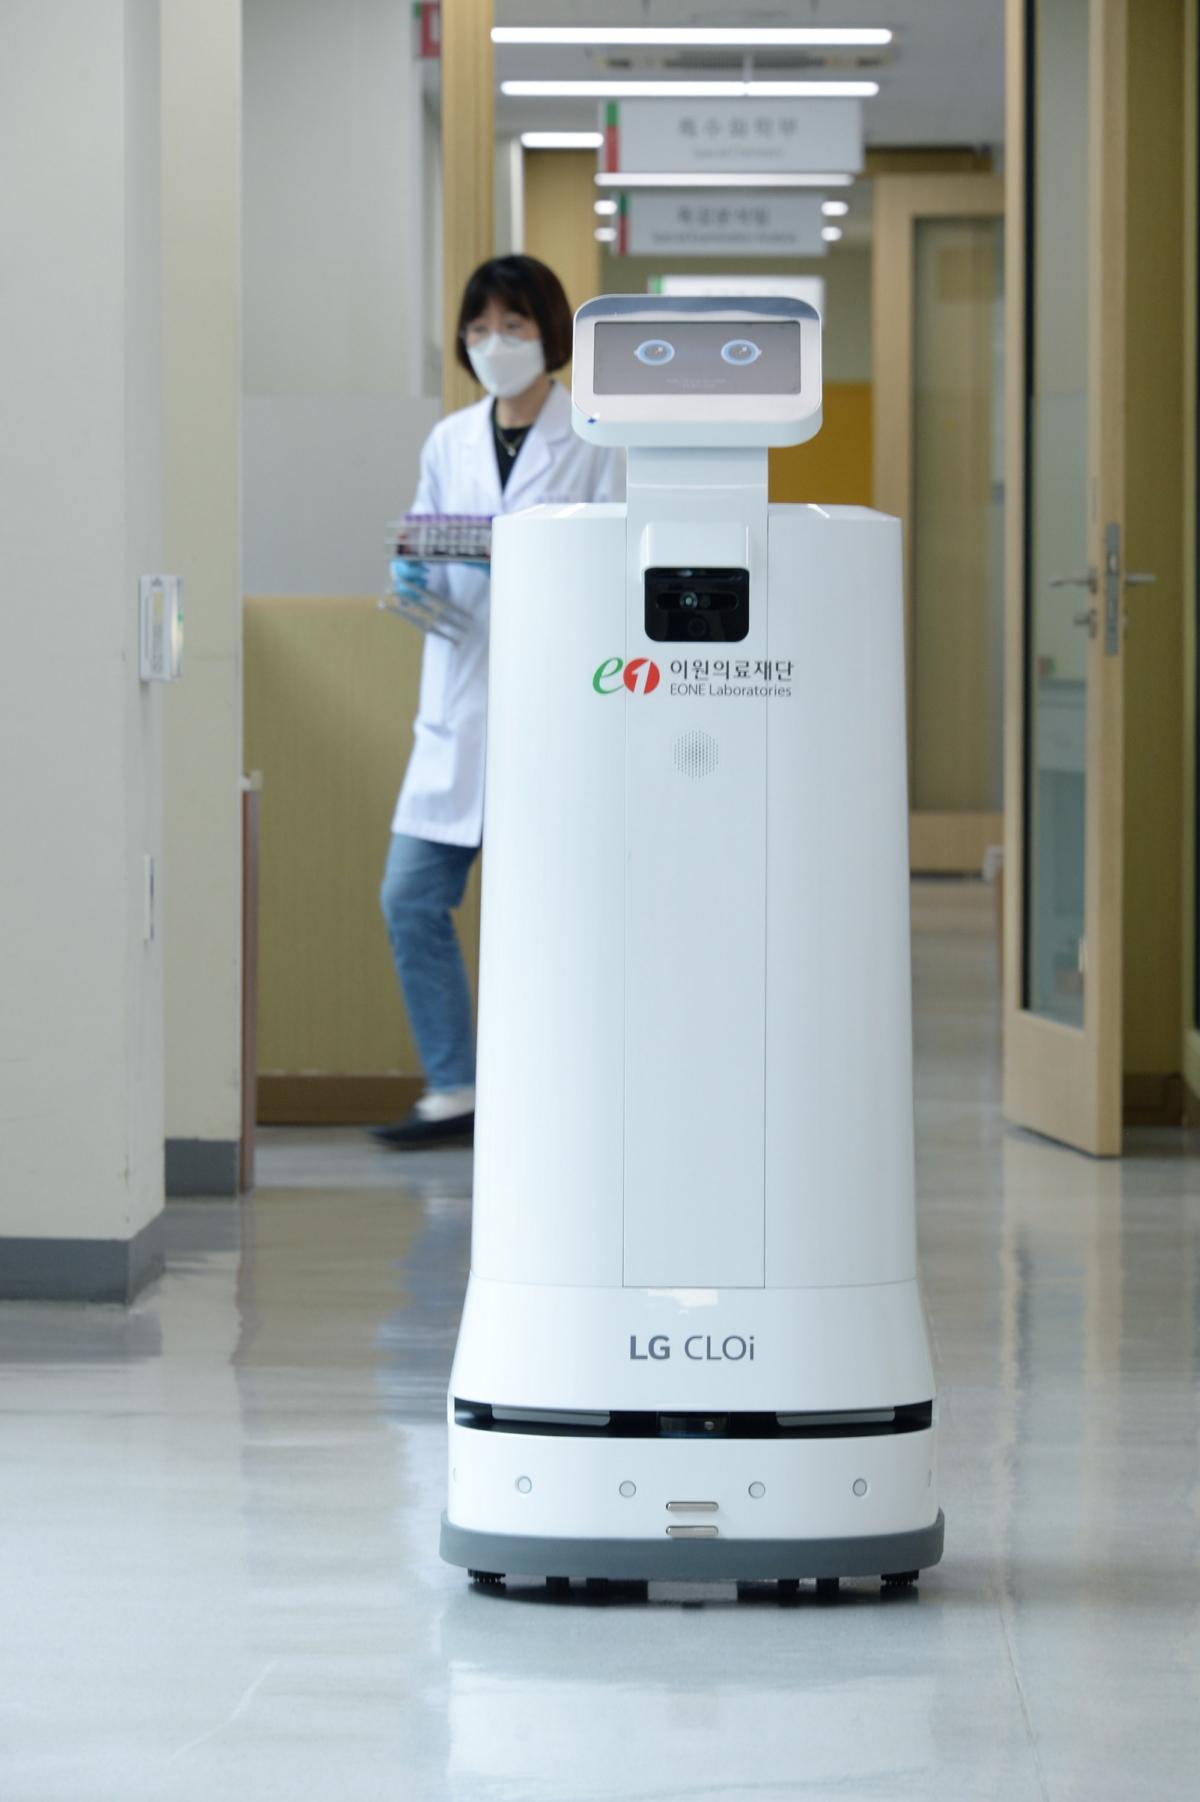 이원의료재단에 있는 LG 클로이 서브봇이 검체를 나르고 있다.